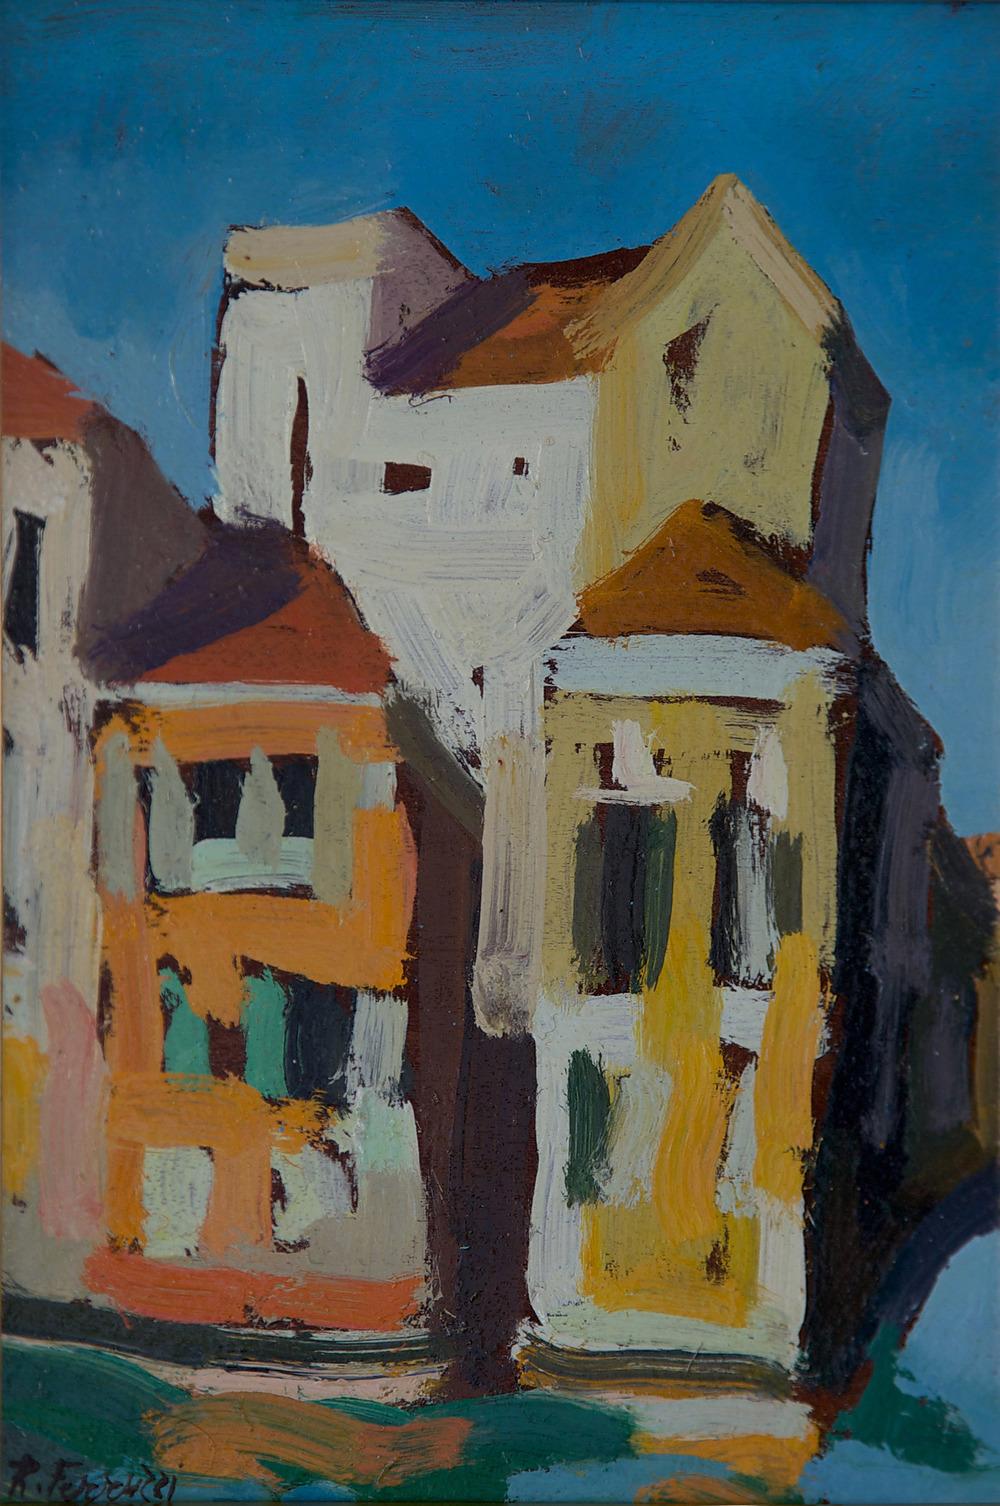 Palazzo in Canal Grande da S.Vio, oil on wood, 22.5x30 cm, 1979. Write to info@robertoferruzzi.comfor a quotation.